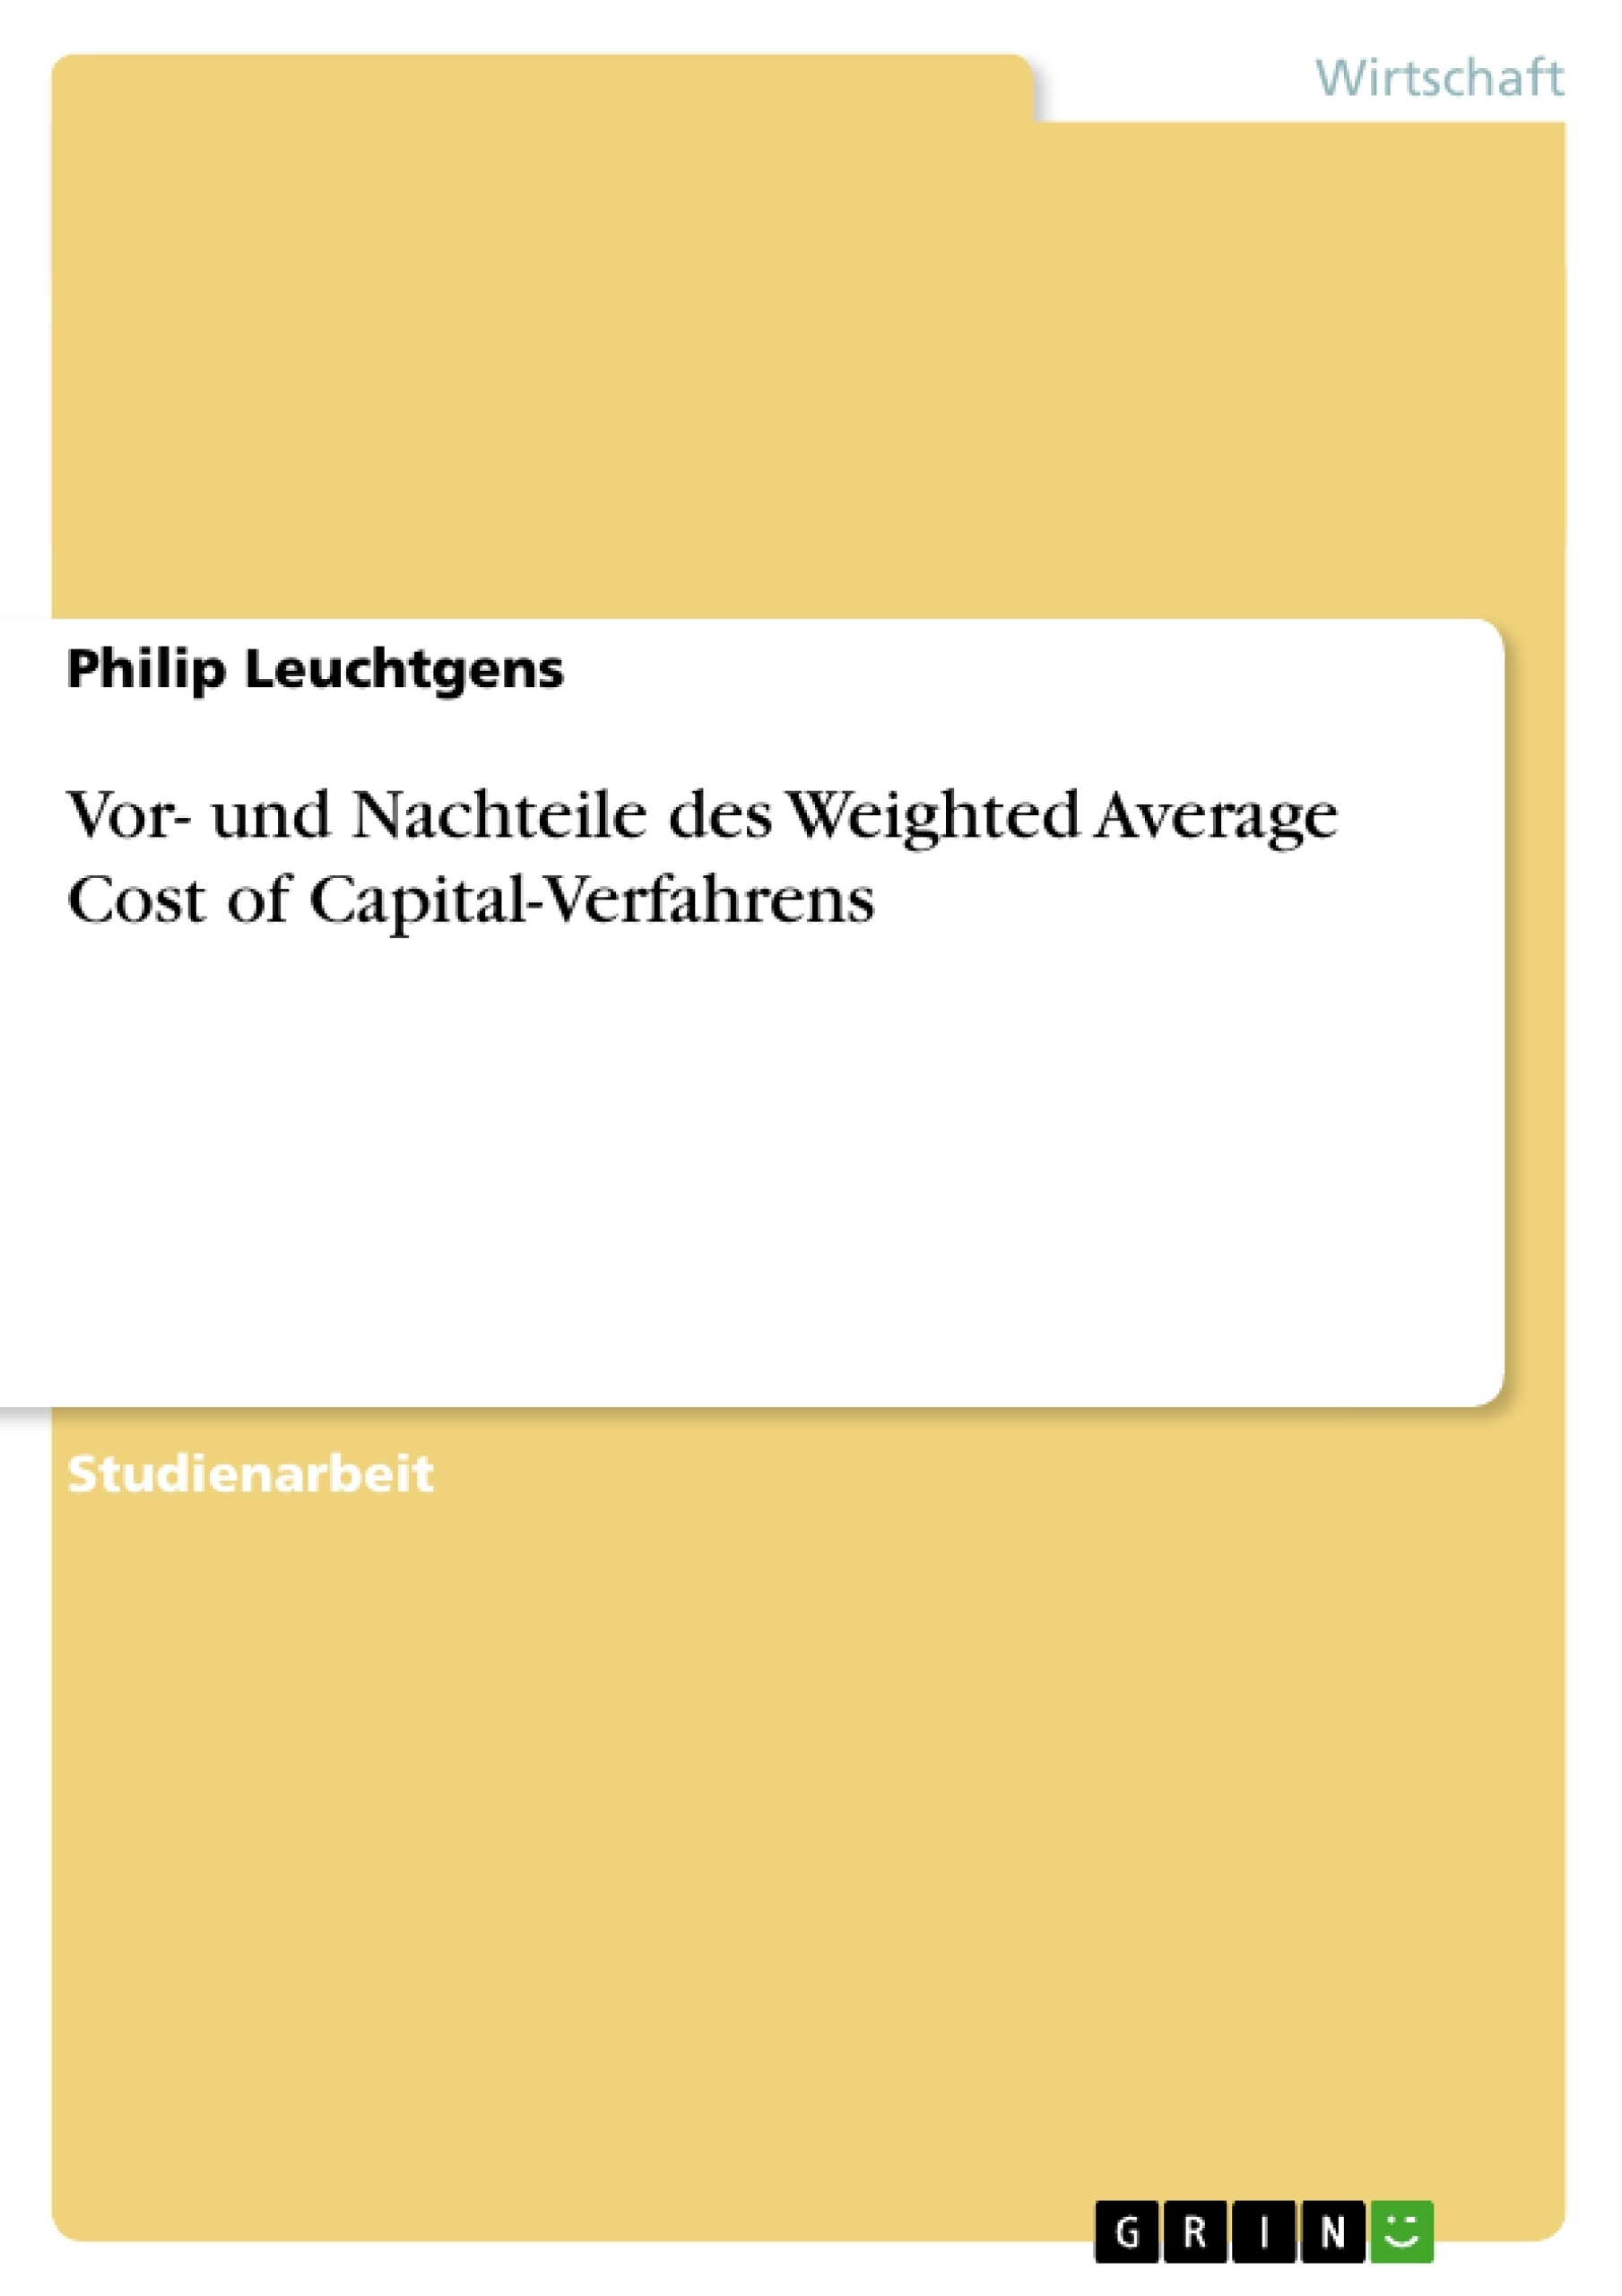 Titel: Vor- und Nachteile des Weighted Average Cost of Capital-Verfahrens